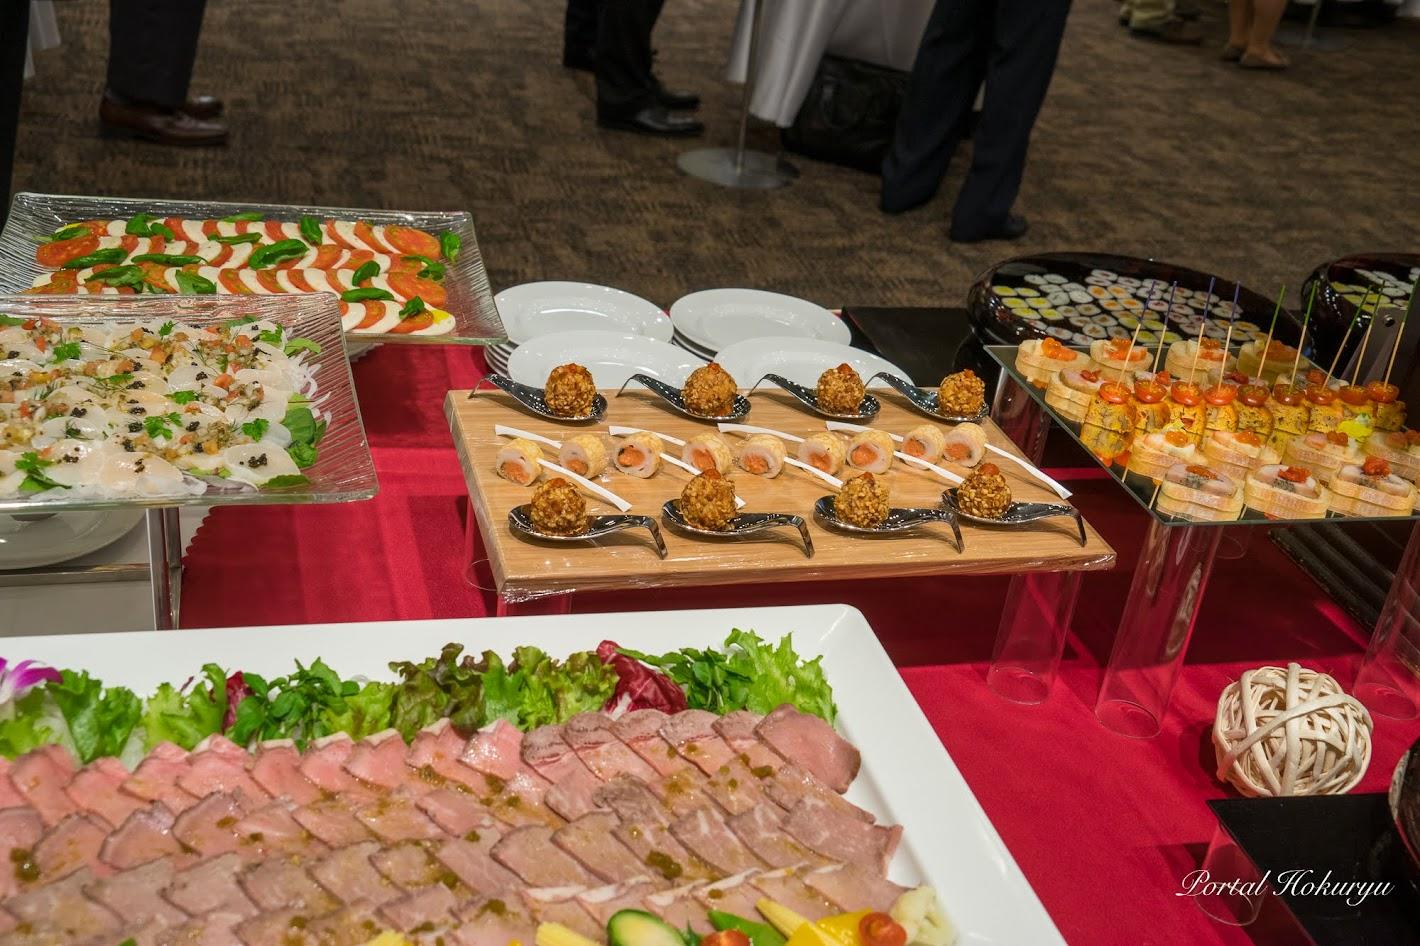 ディスカバー農山漁村(村)の宝サミット交流会の素晴らしい料理の数々